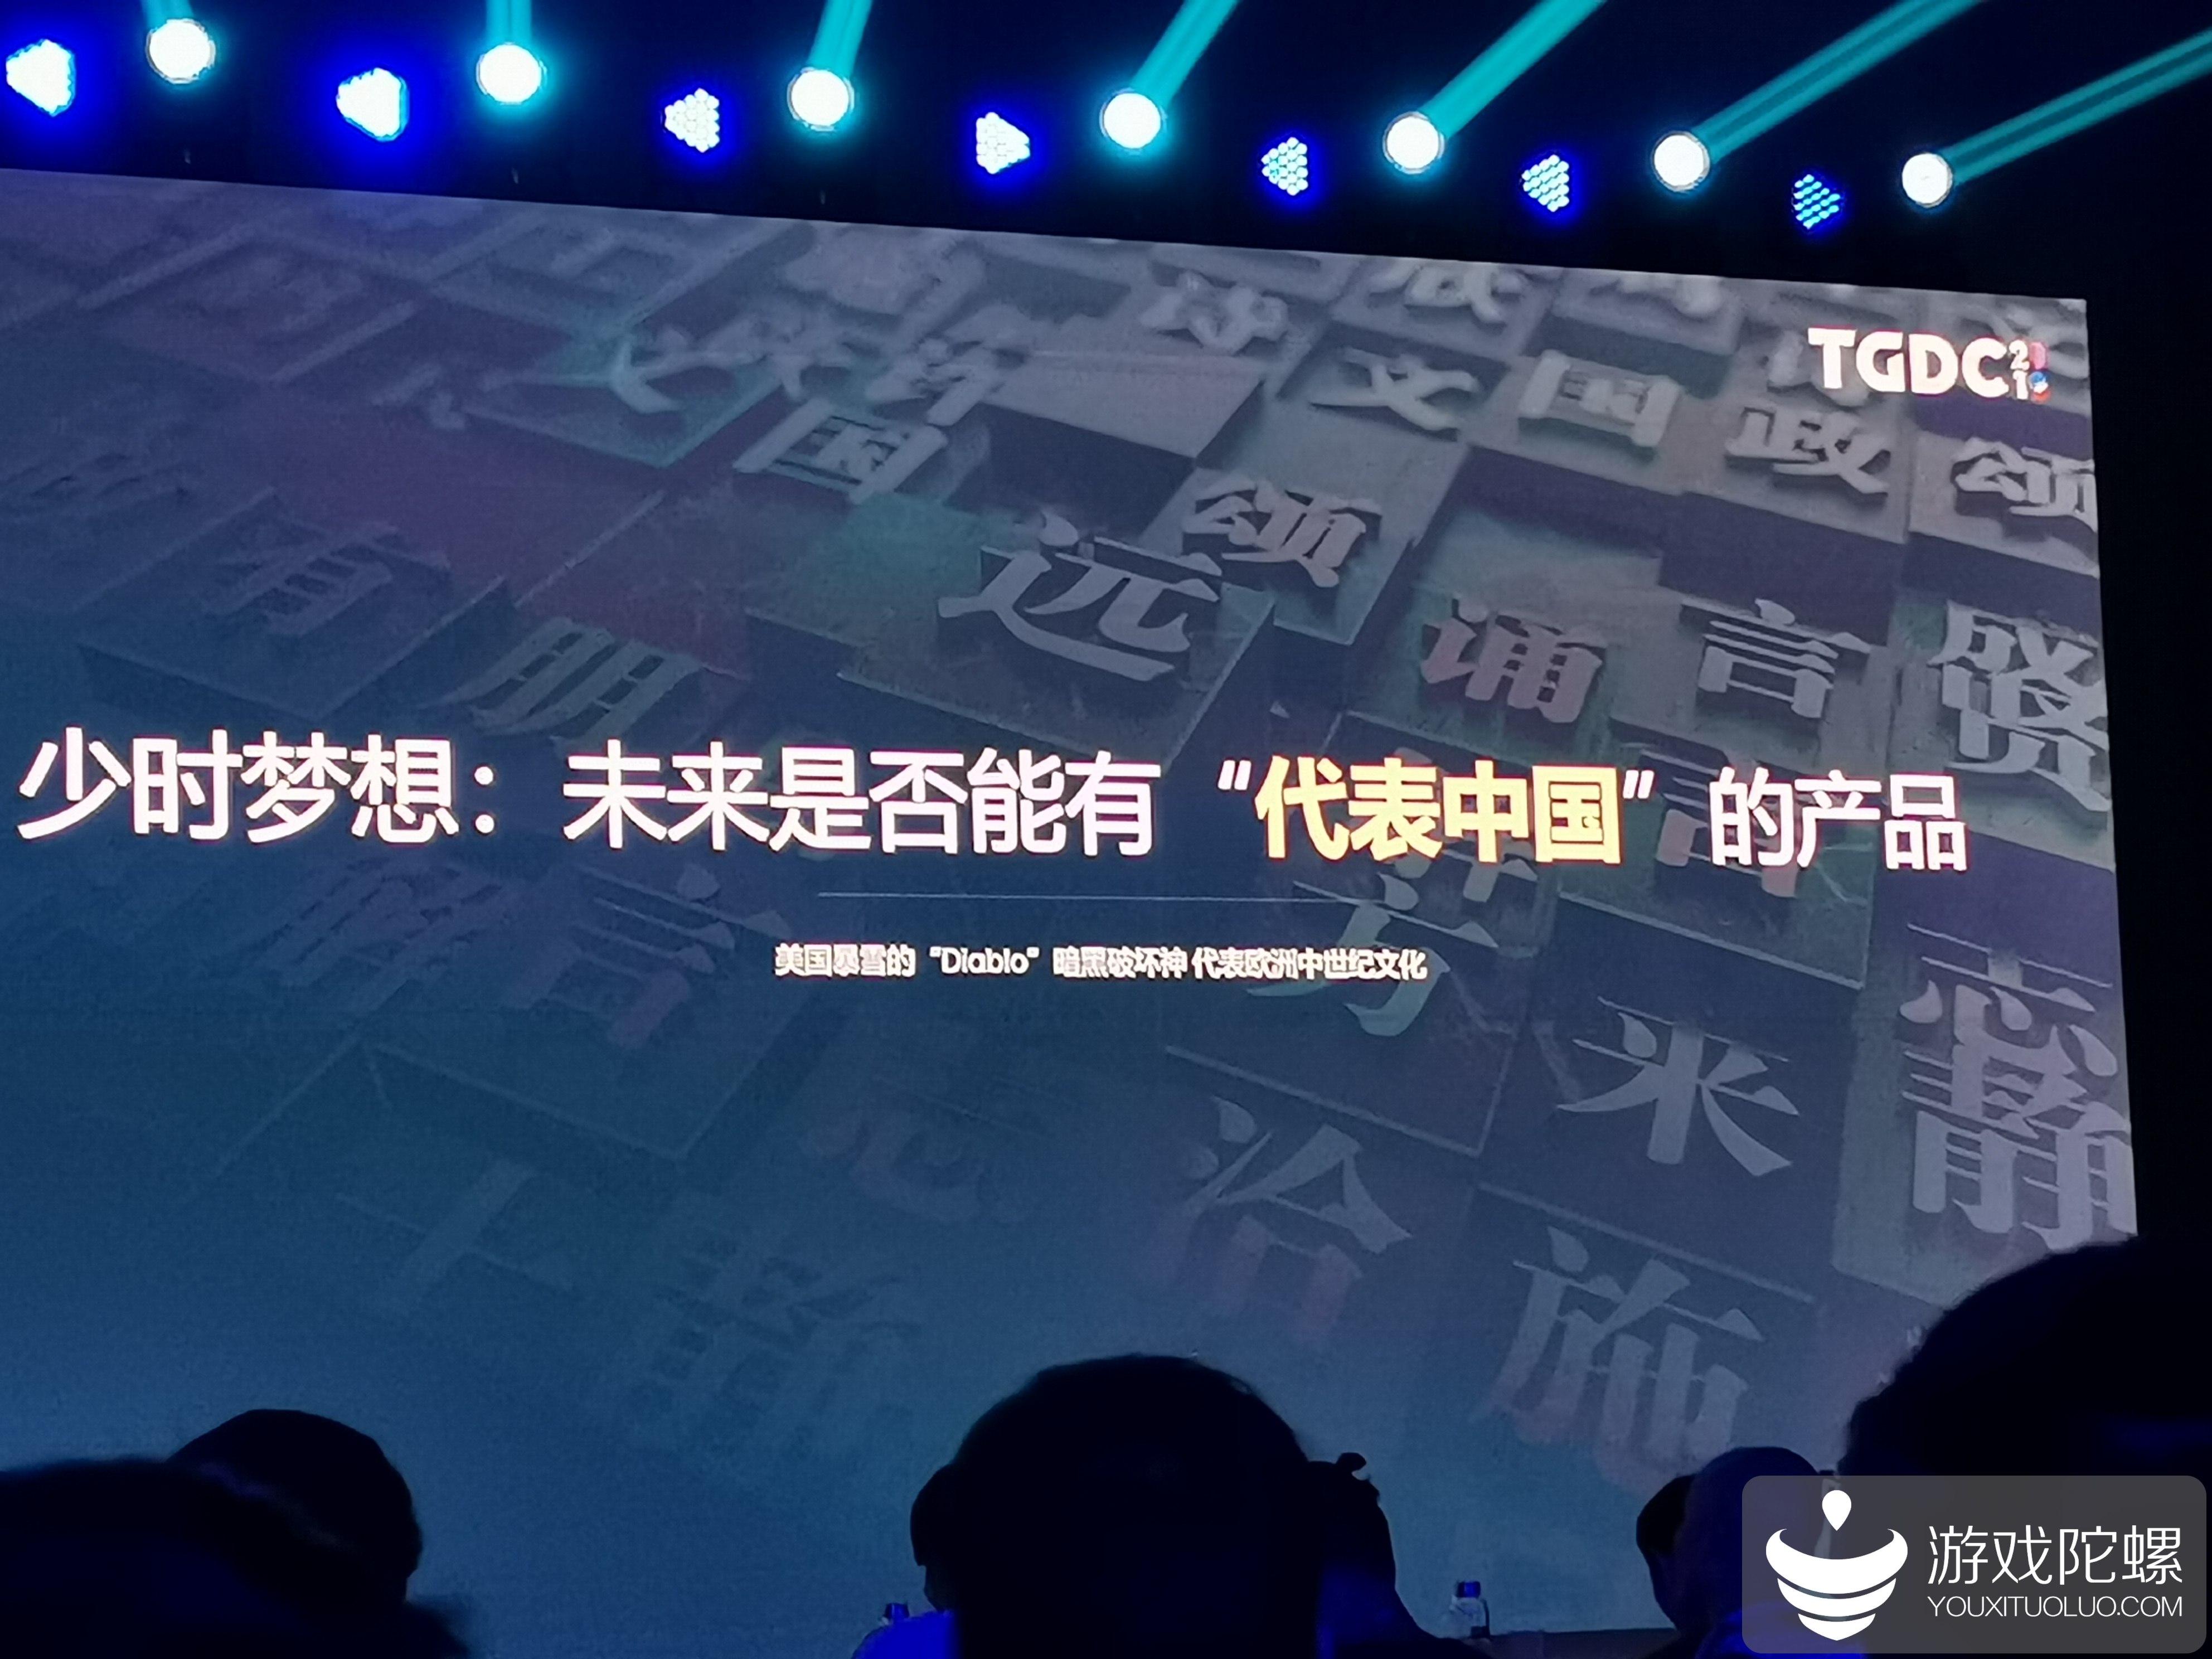 腾讯姚晓光:为什么游戏有价值,为什么要做国产自研游戏?